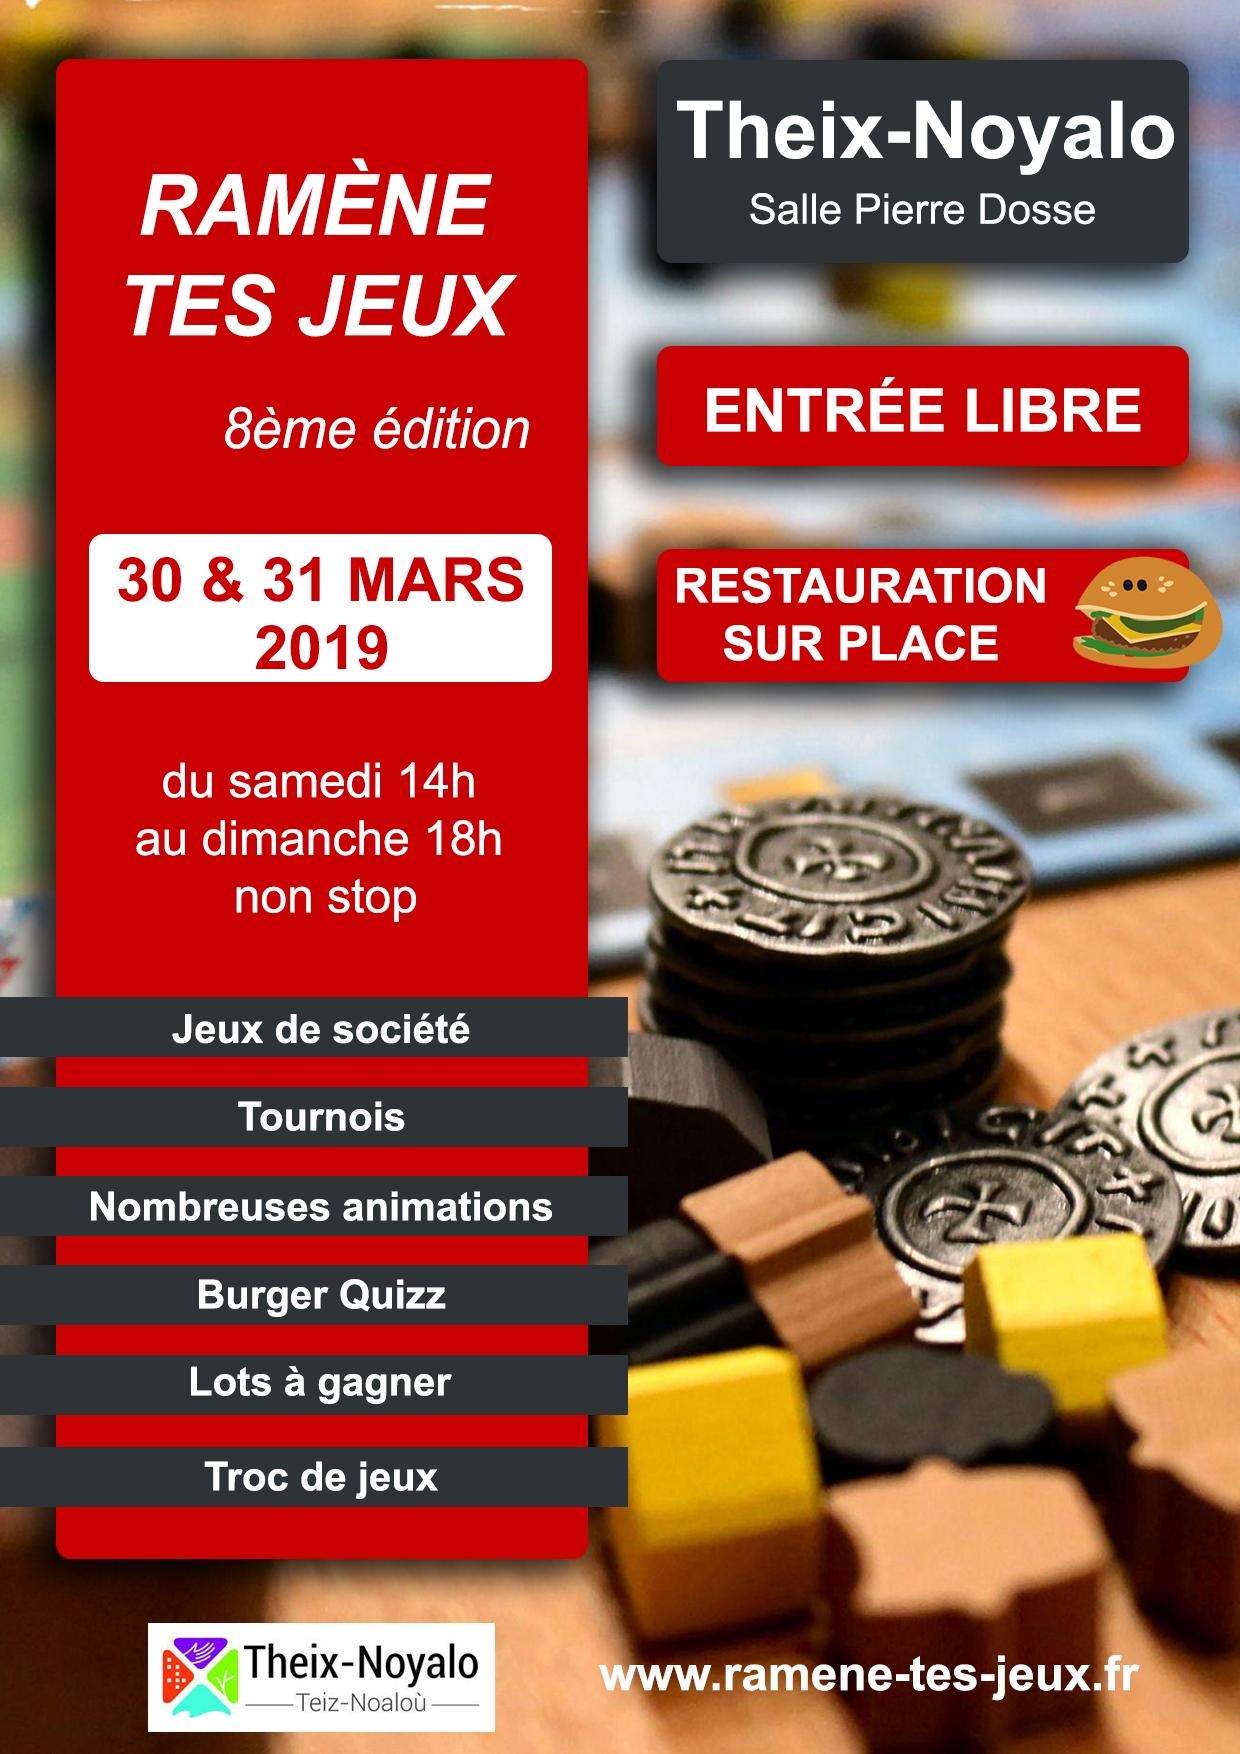 Festival Ramène tes jeux, 30-31 mars 2019 à Theix-Noyalo (56) Rtj_2019